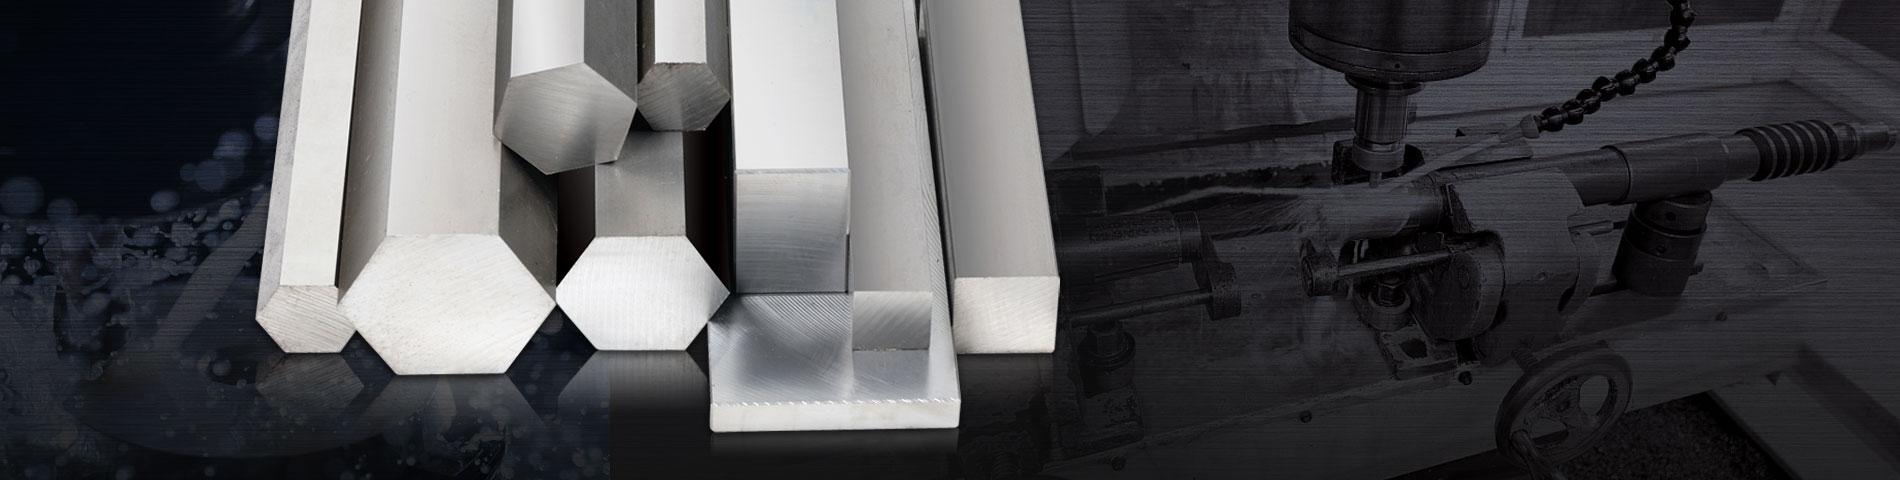 Proveedor de acero y Integración empresarial